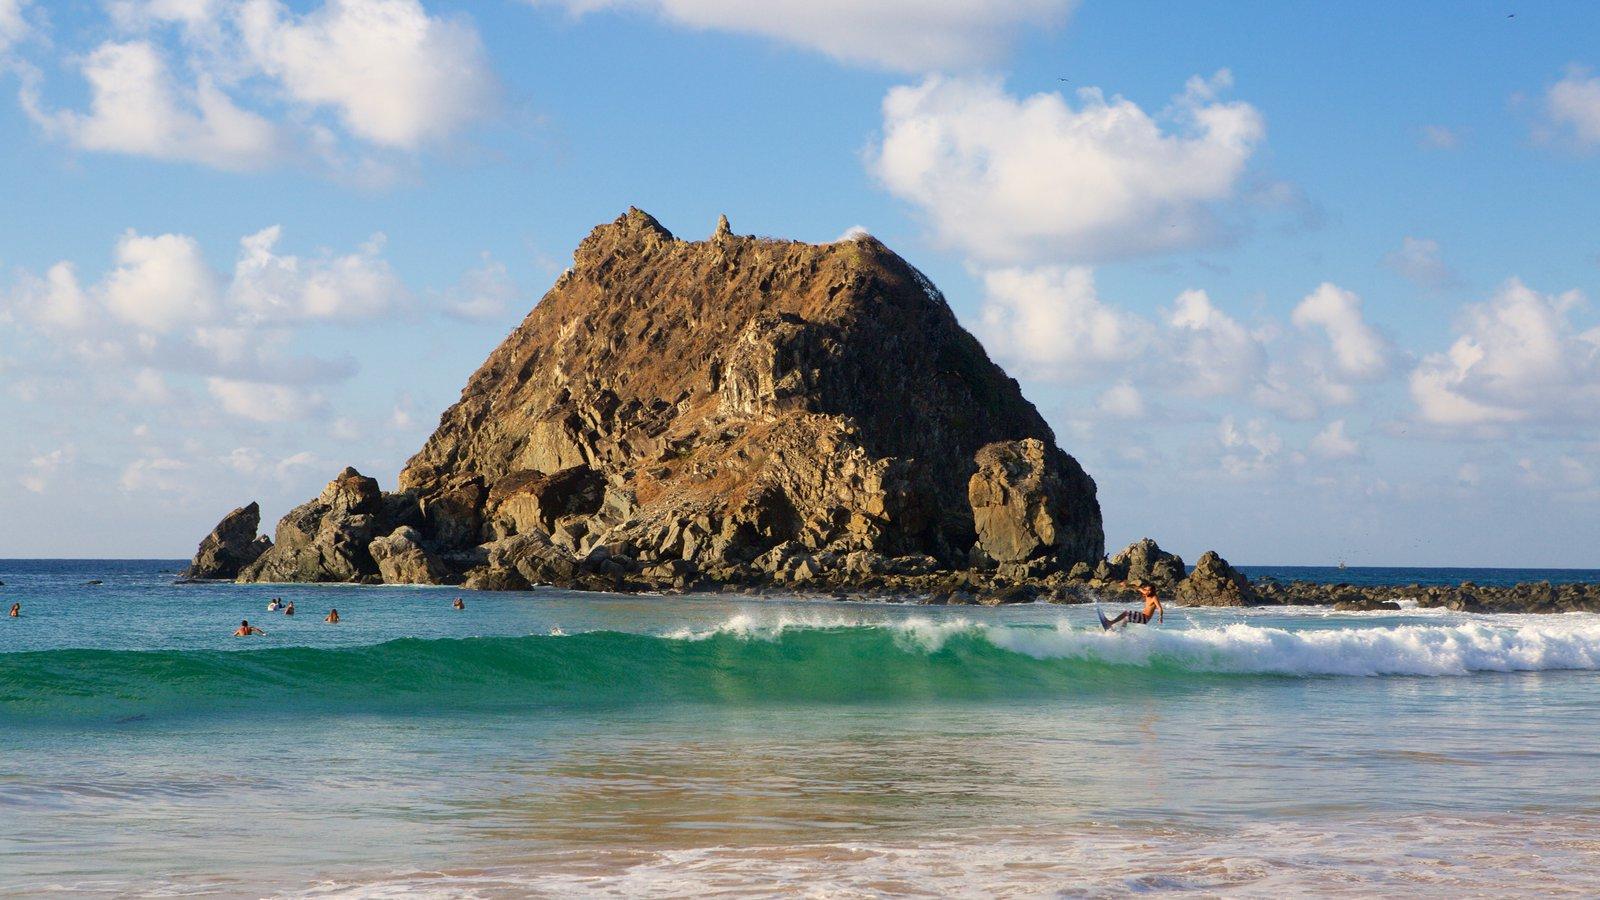 Praia da Conceição mostrando surfe e paisagens litorâneas